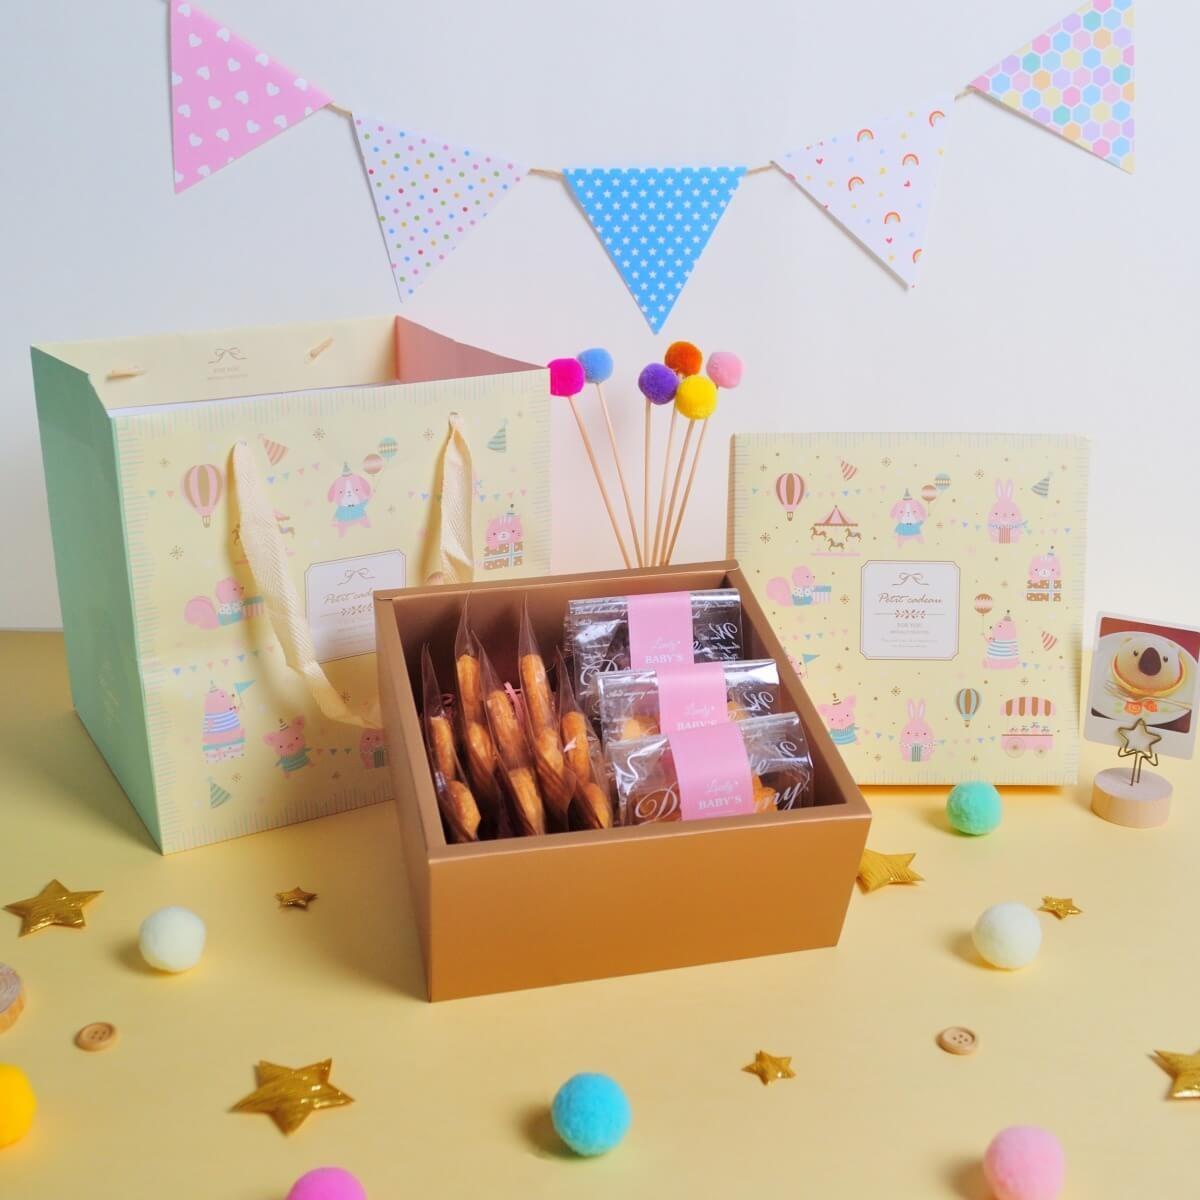 【滿單預購中】寶貝派對禮盒 / 彌月禮盒 / 餐盒 / 伴手禮 / 附提袋 / 蝴蝶酥 / 手工餅乾